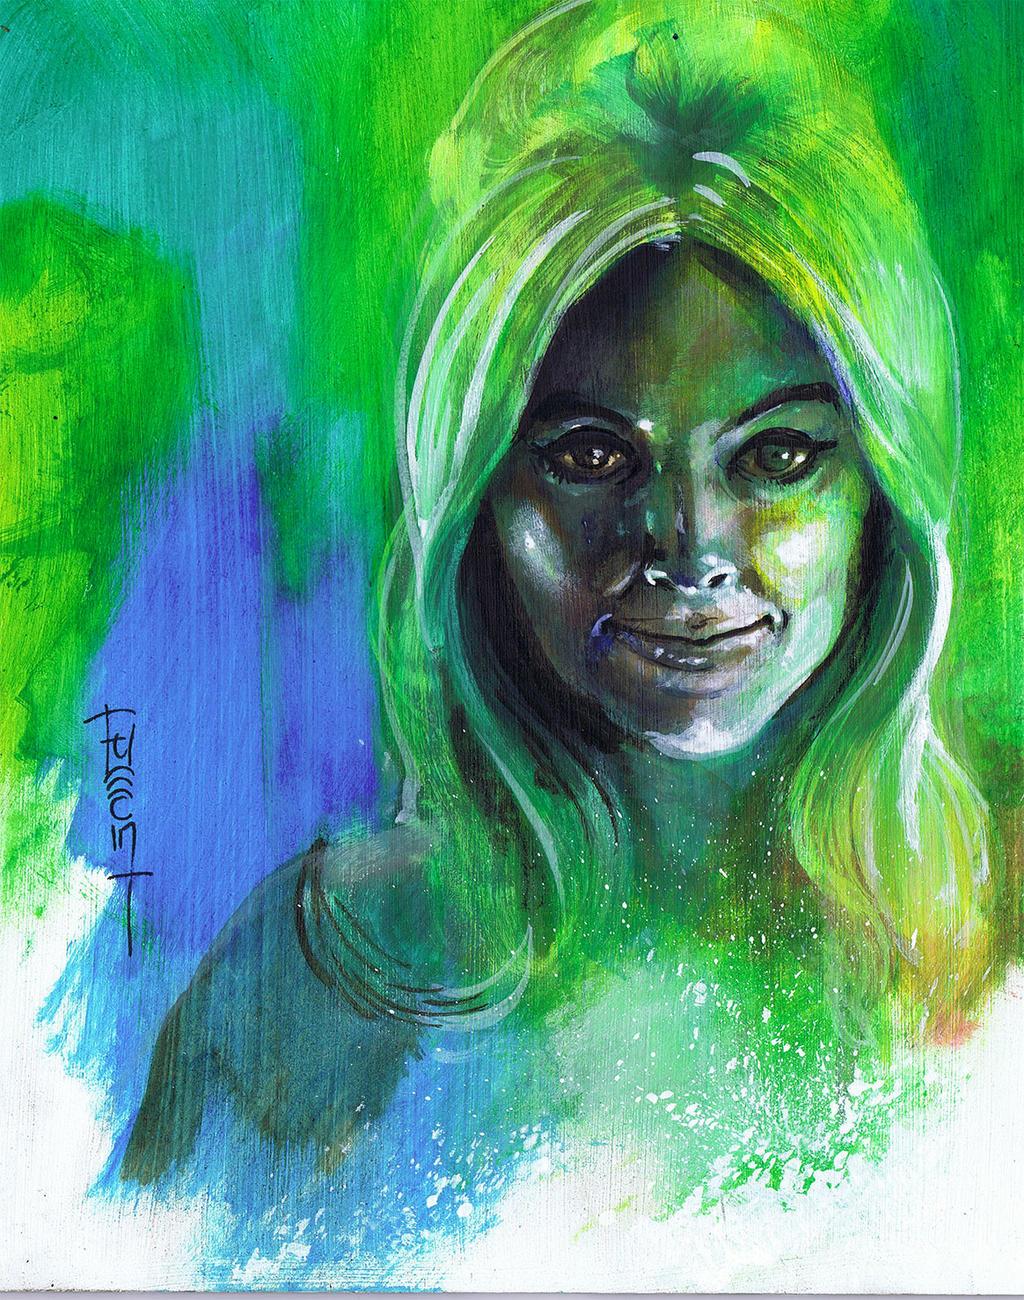 Sharon Tate Study by Fusciart